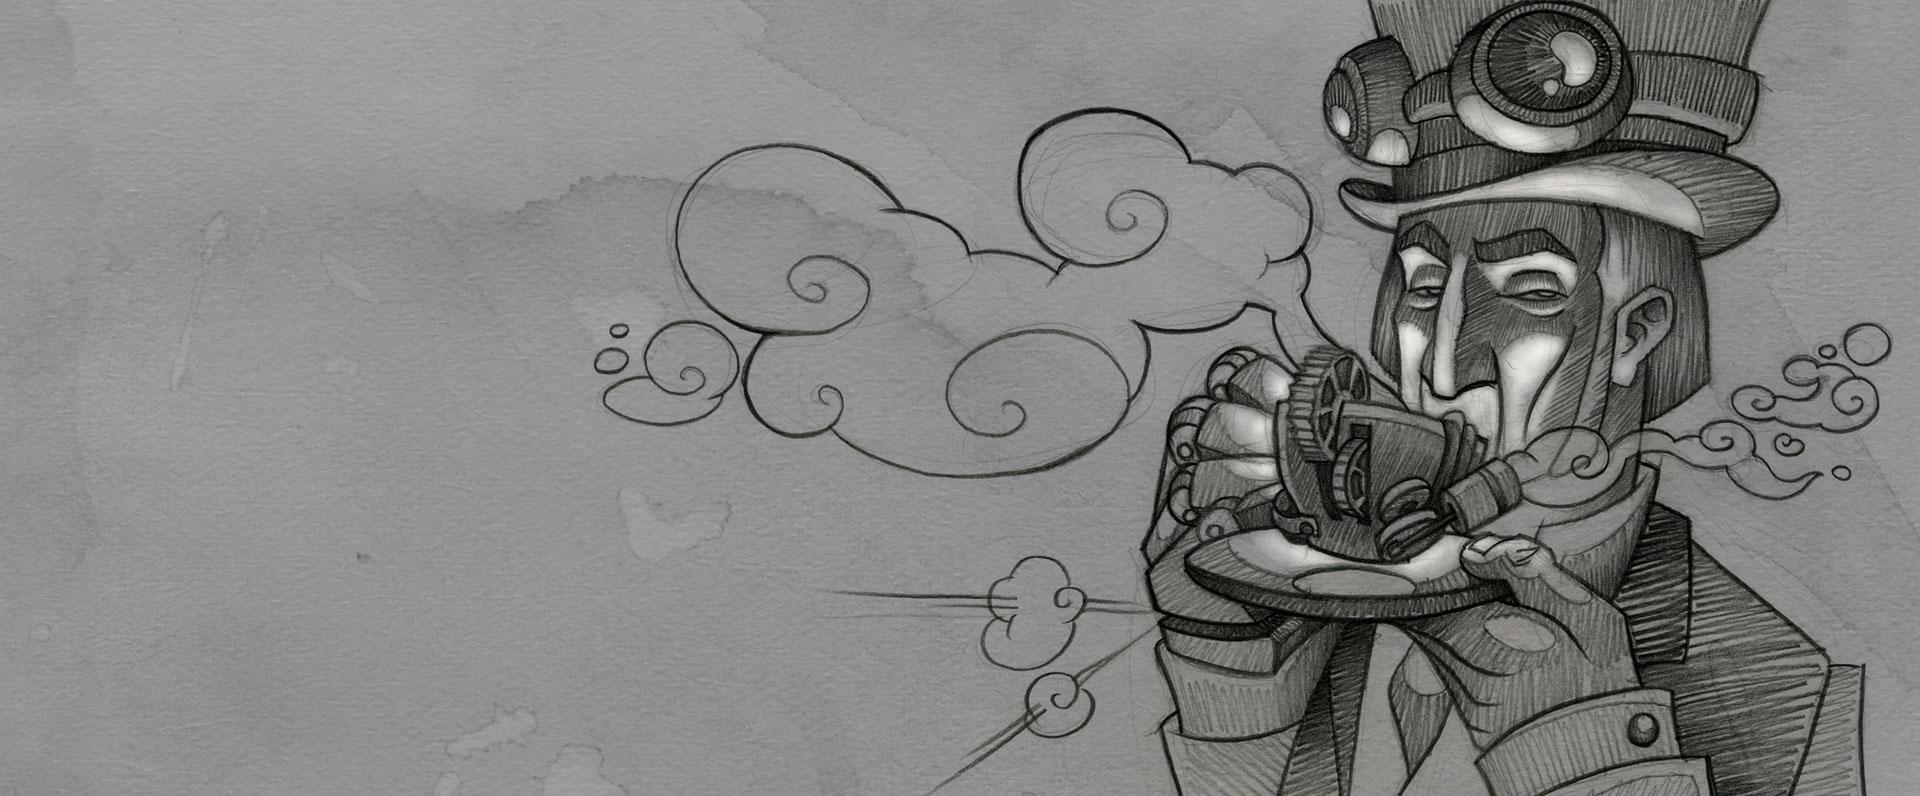 Dibujante ilustrador